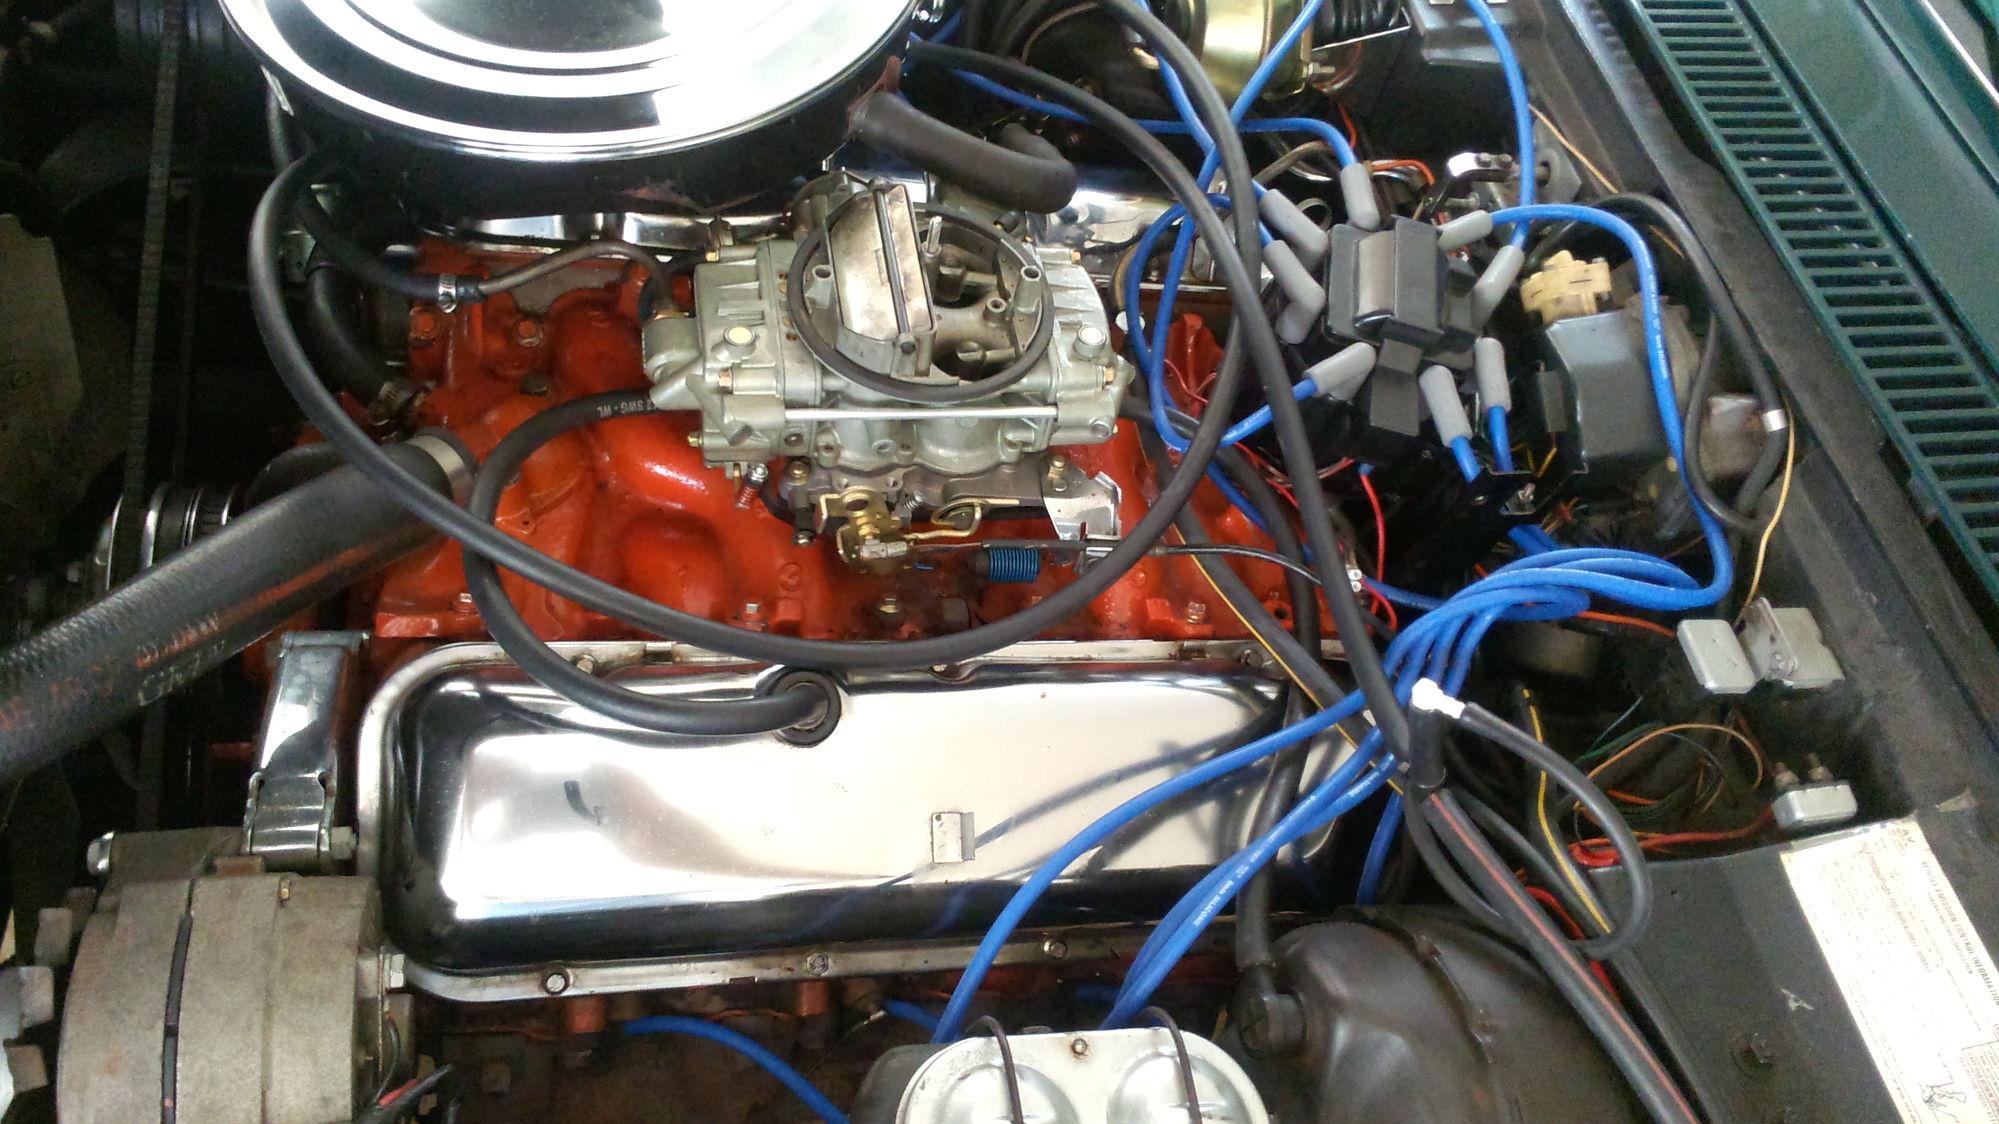 Vette Vapor Canister Diagram Help Corvetteforum  Engine